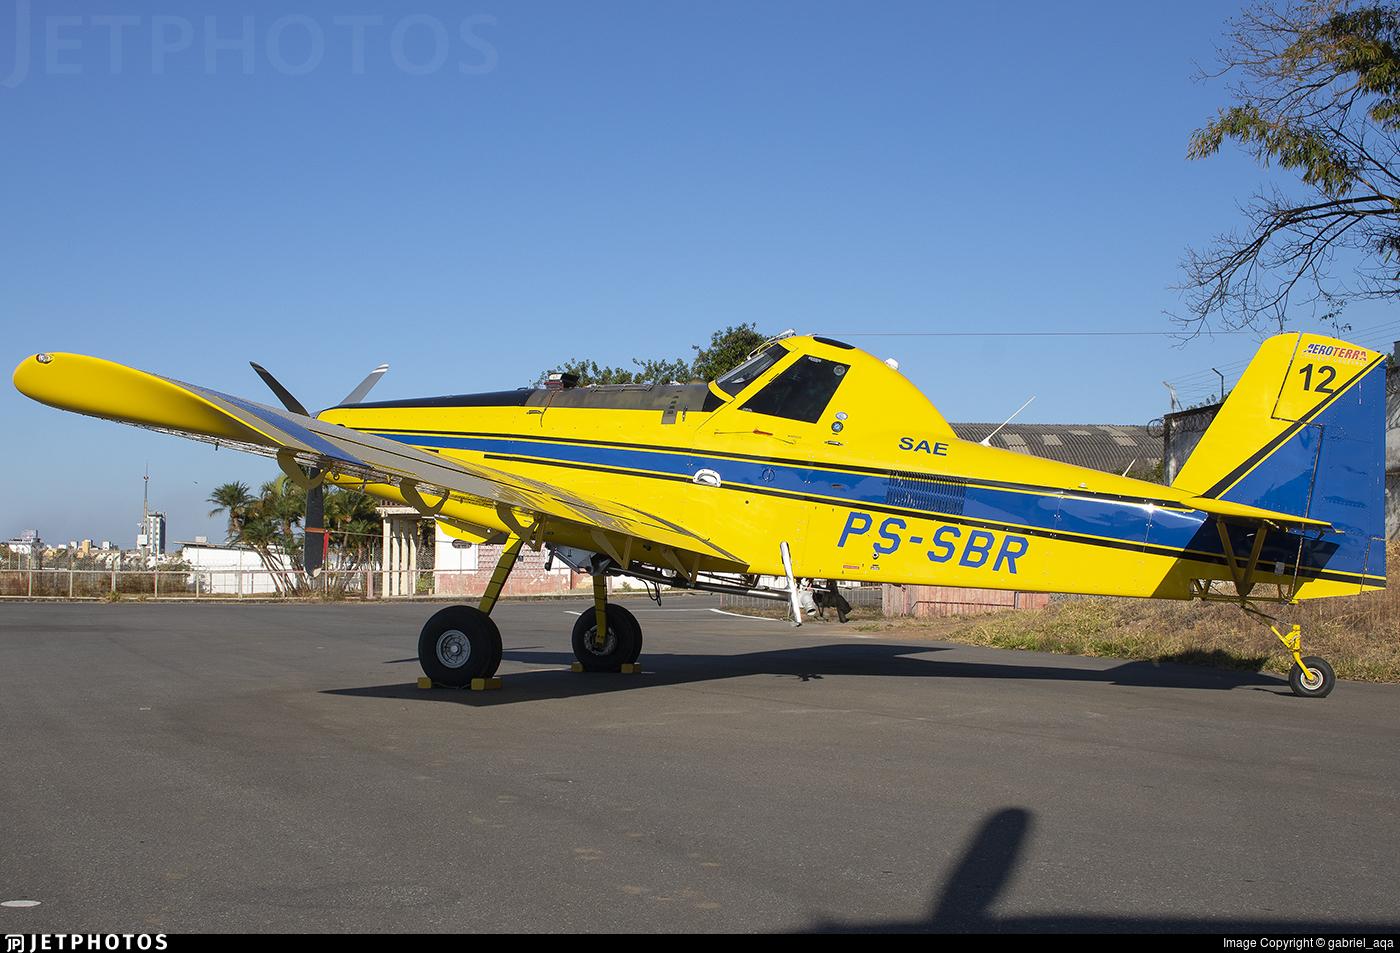 PS-SBR - Air Tractor AT-502B - Aeroterra Aviação Agrícola